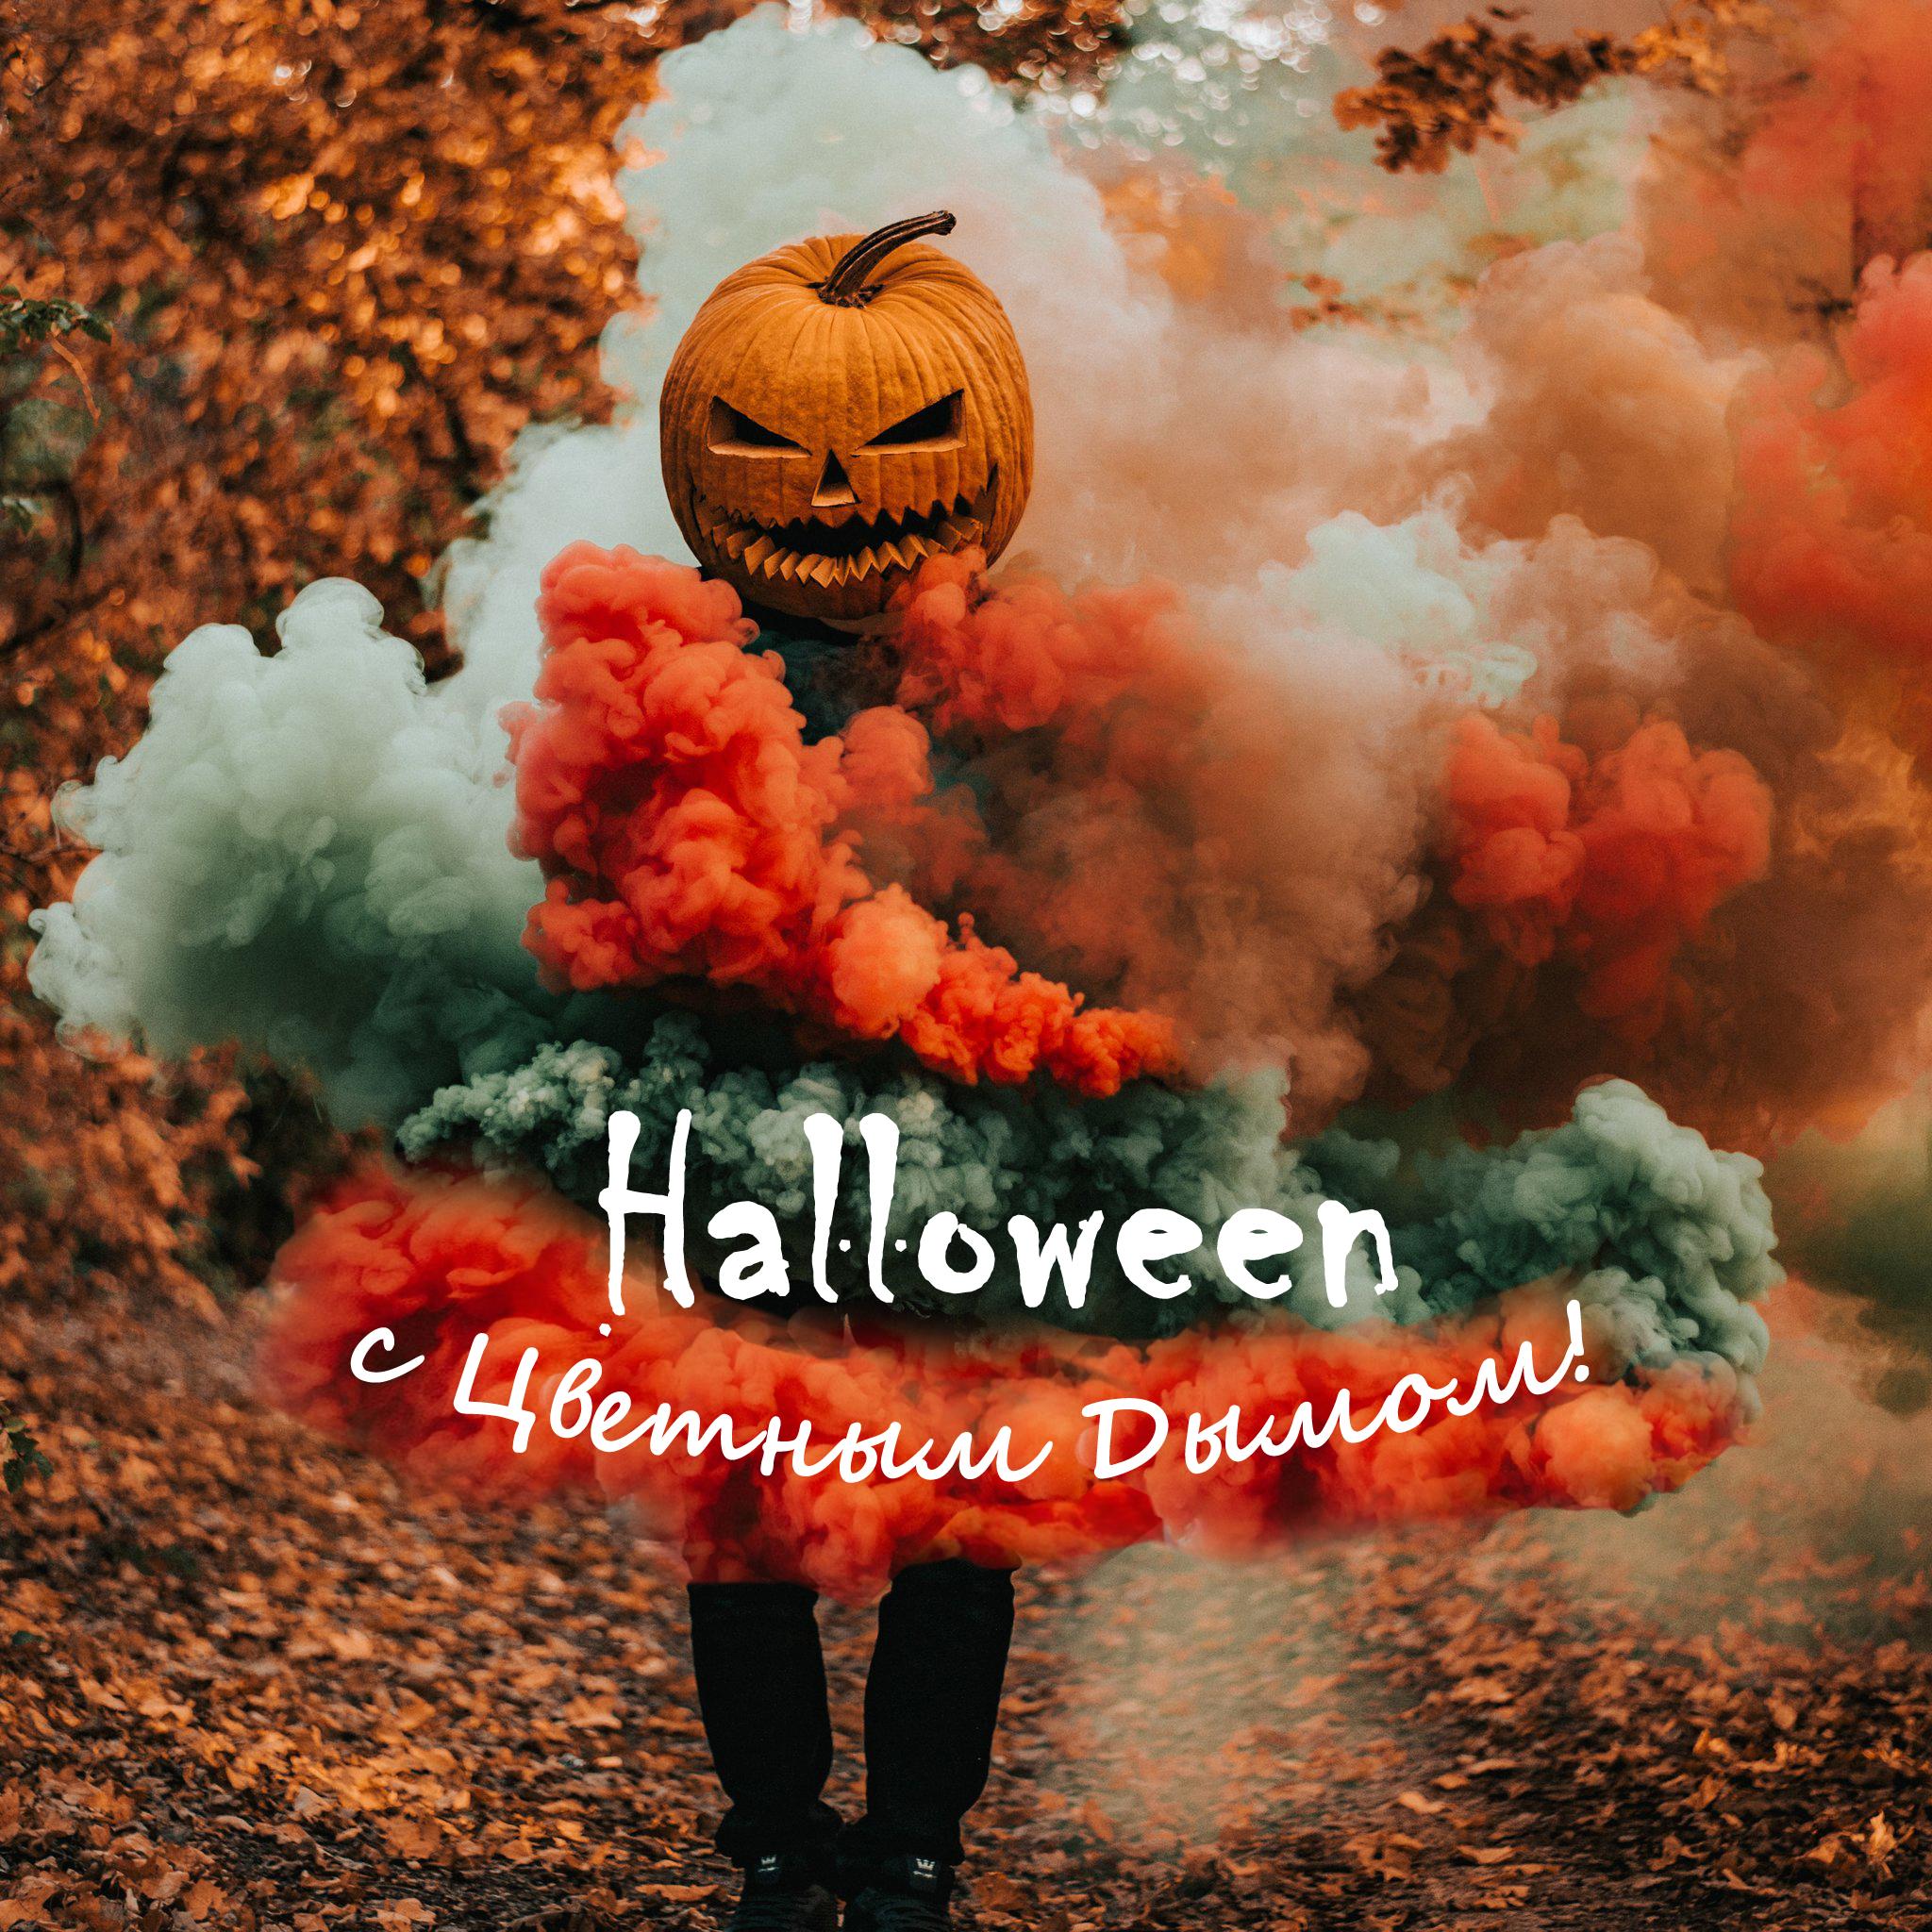 Мистическая фотосессия с Цветным Дымом к Halloween!